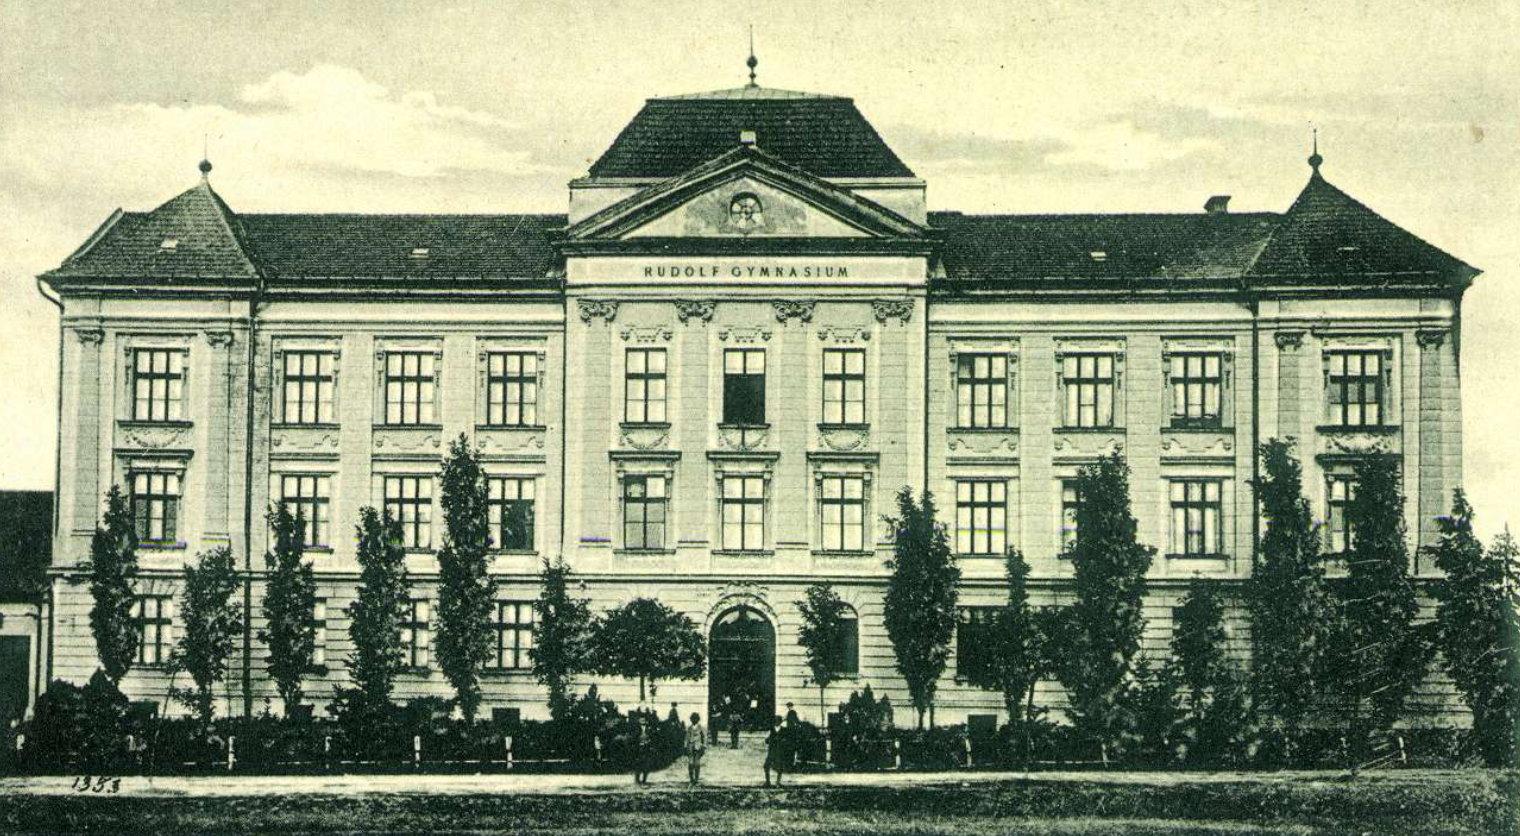 gimnazium1910korul.jpg